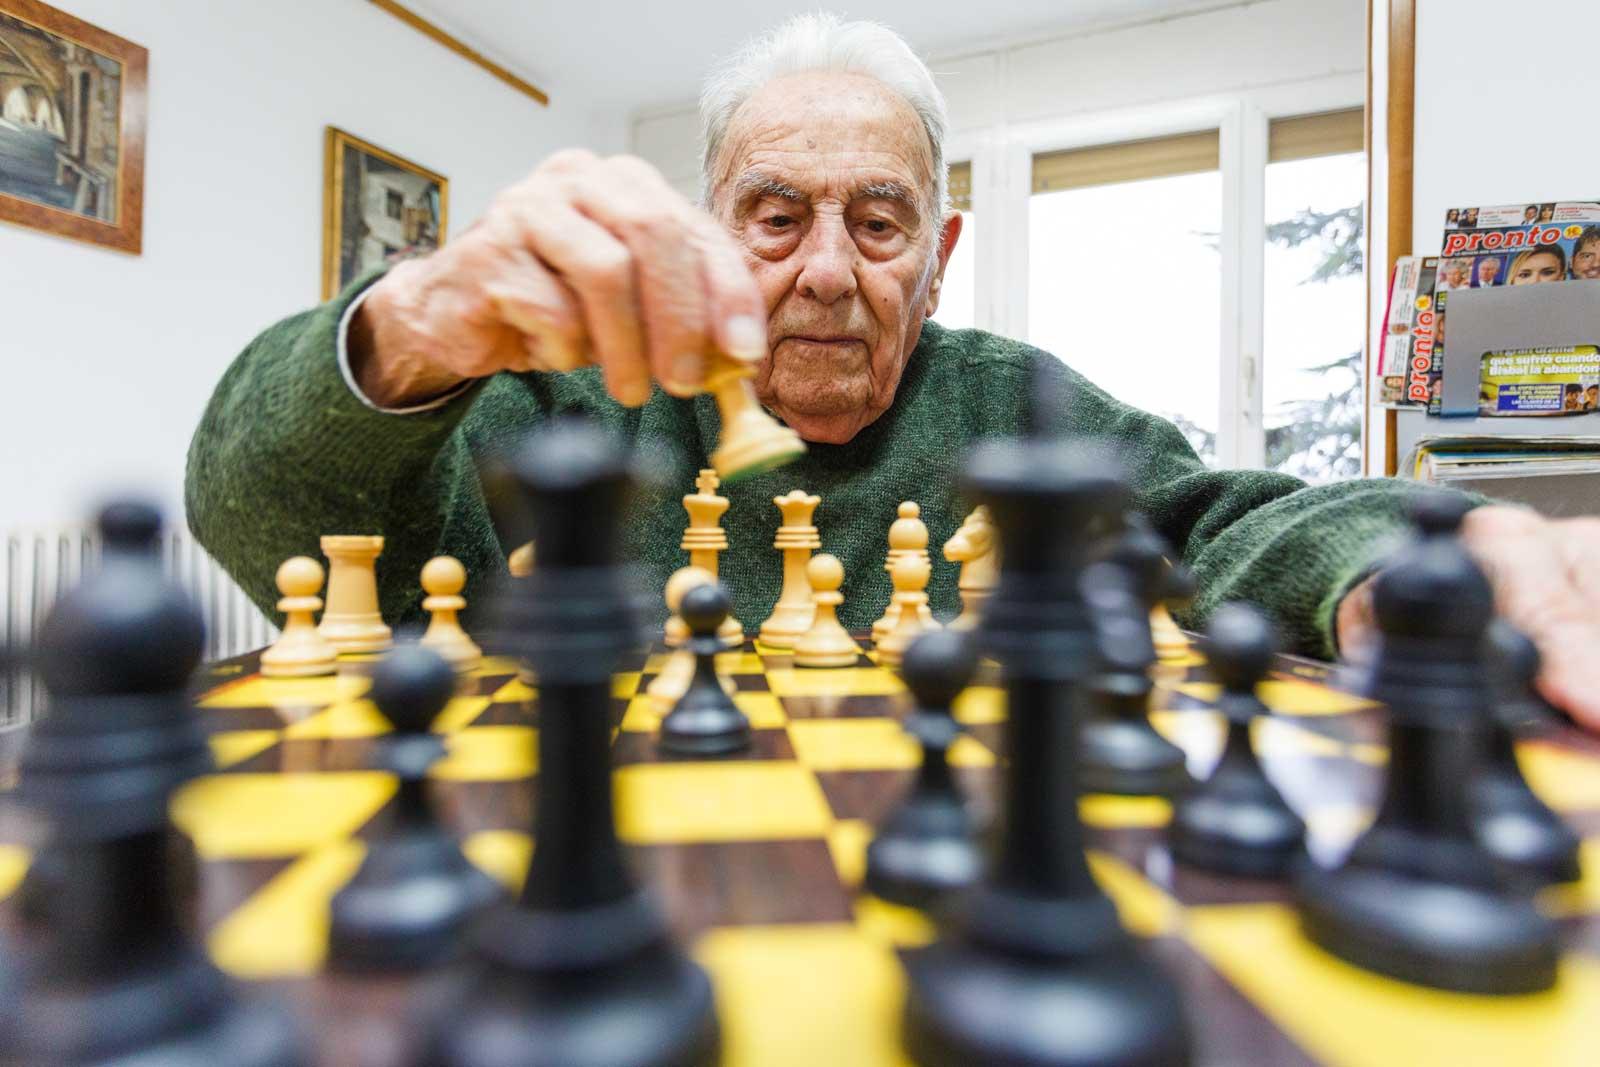 Joan Codina, als seus 97 anys, és el jugador més gran de la lliga d'escacs catalana